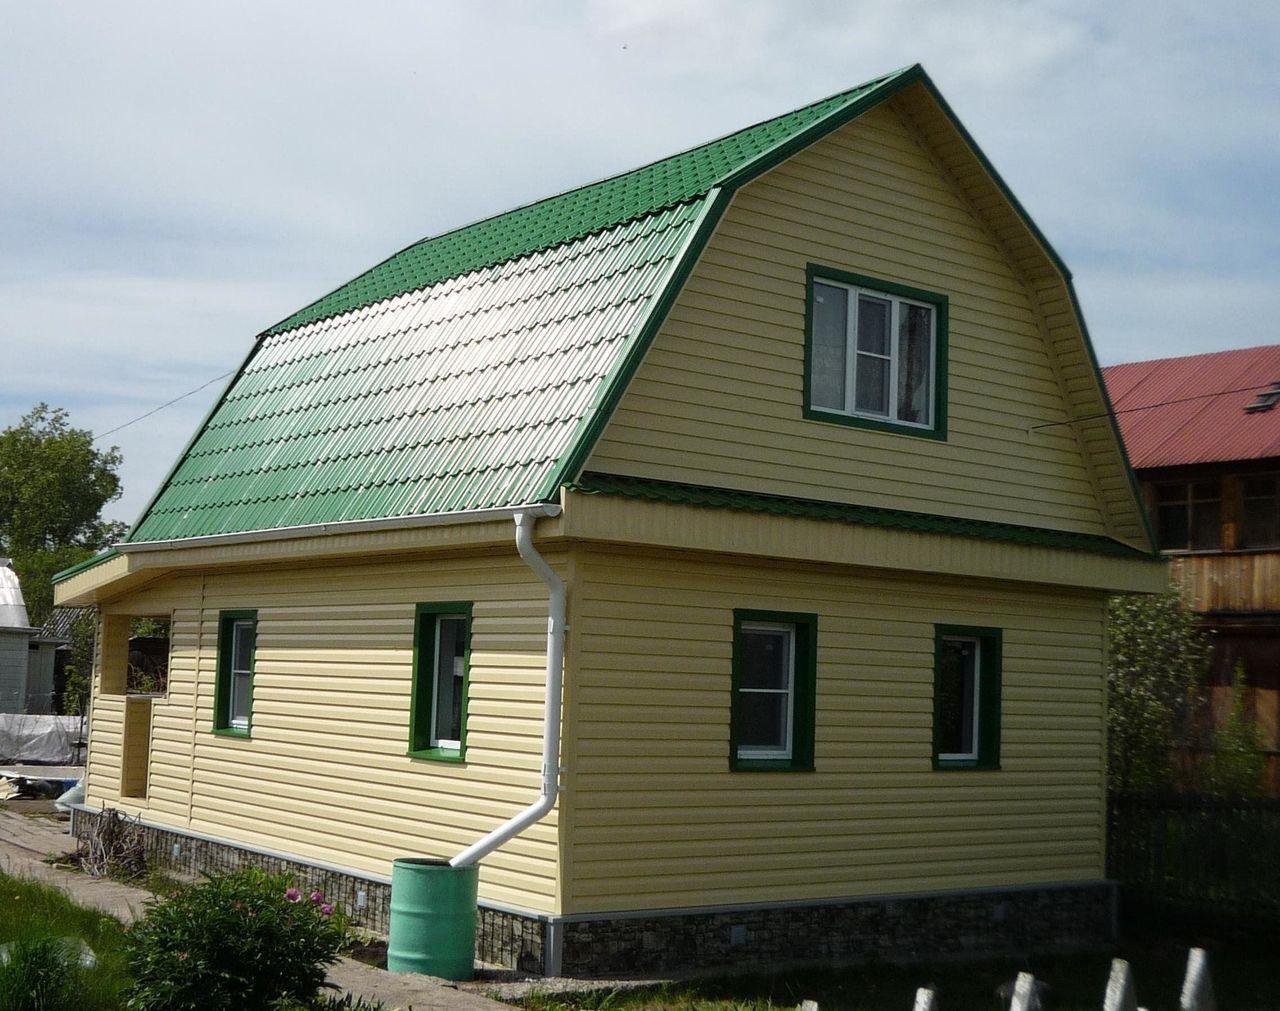 цвет сайдинга и крыши